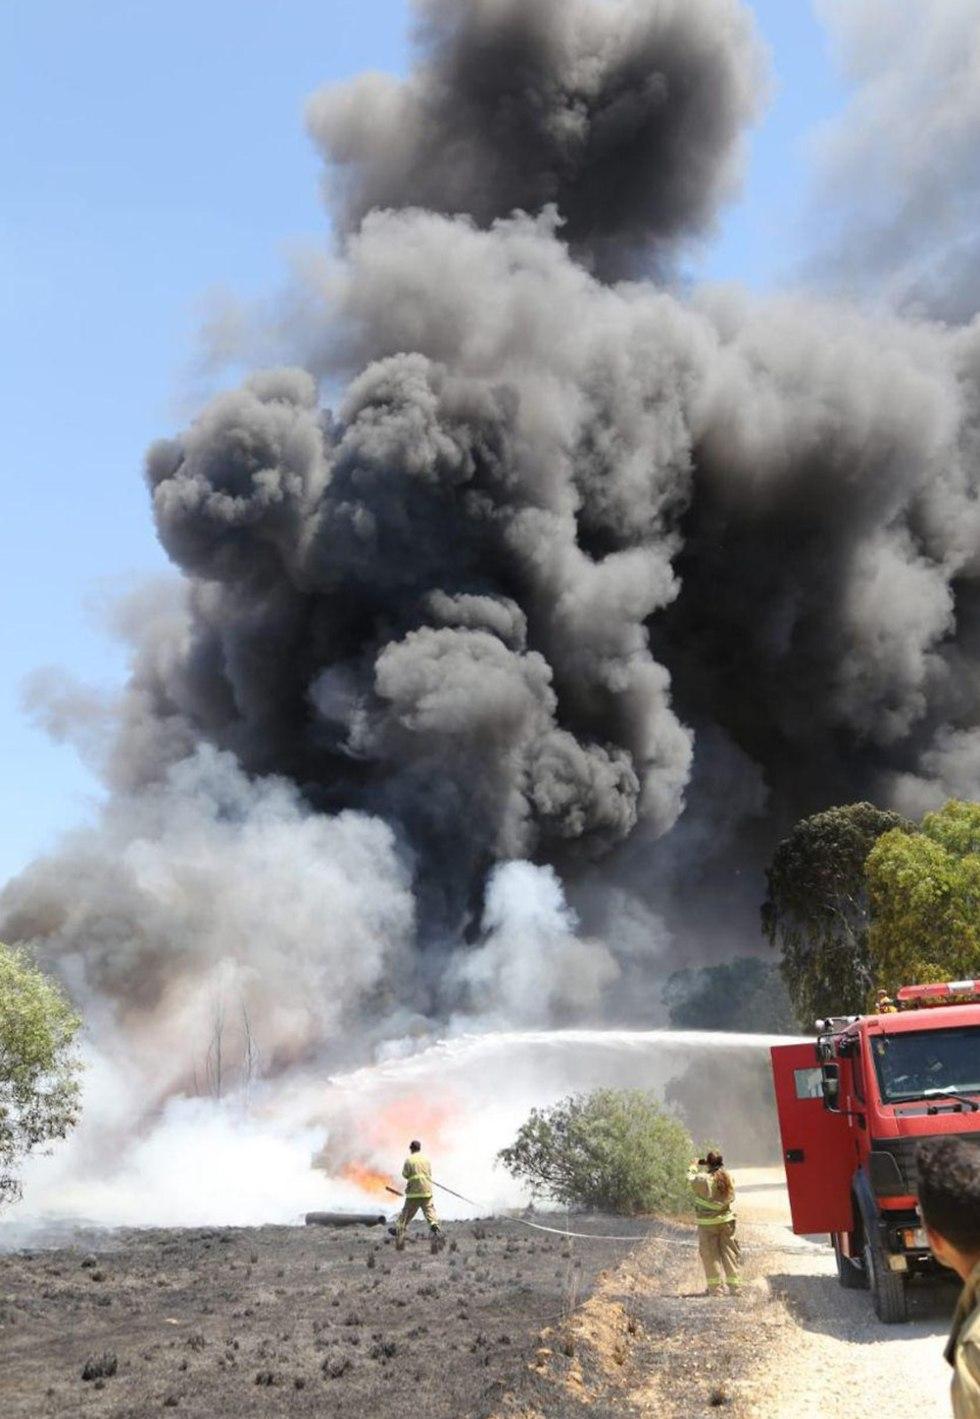 שריפה ביער בארי כתוצאה מבלון תבערה (צילום: איציק לוגסי, יערן קק״ל)